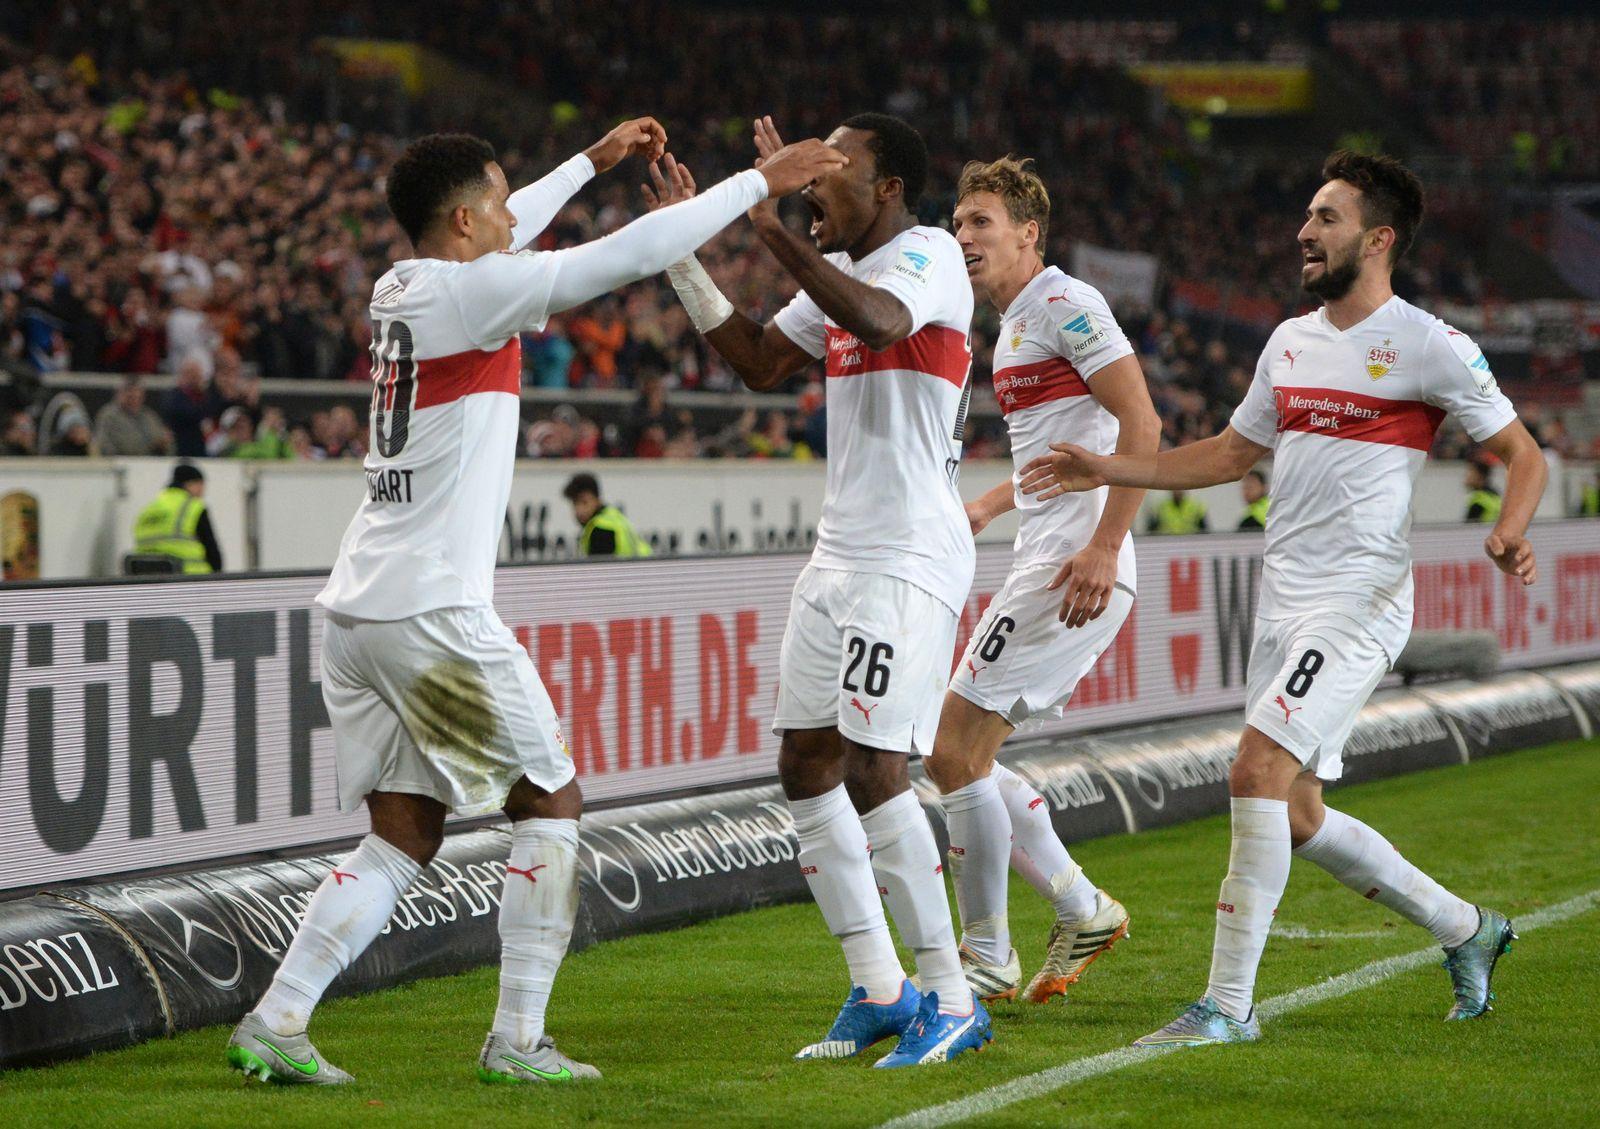 VfB Stuttgart - FC Ingolstadt 04